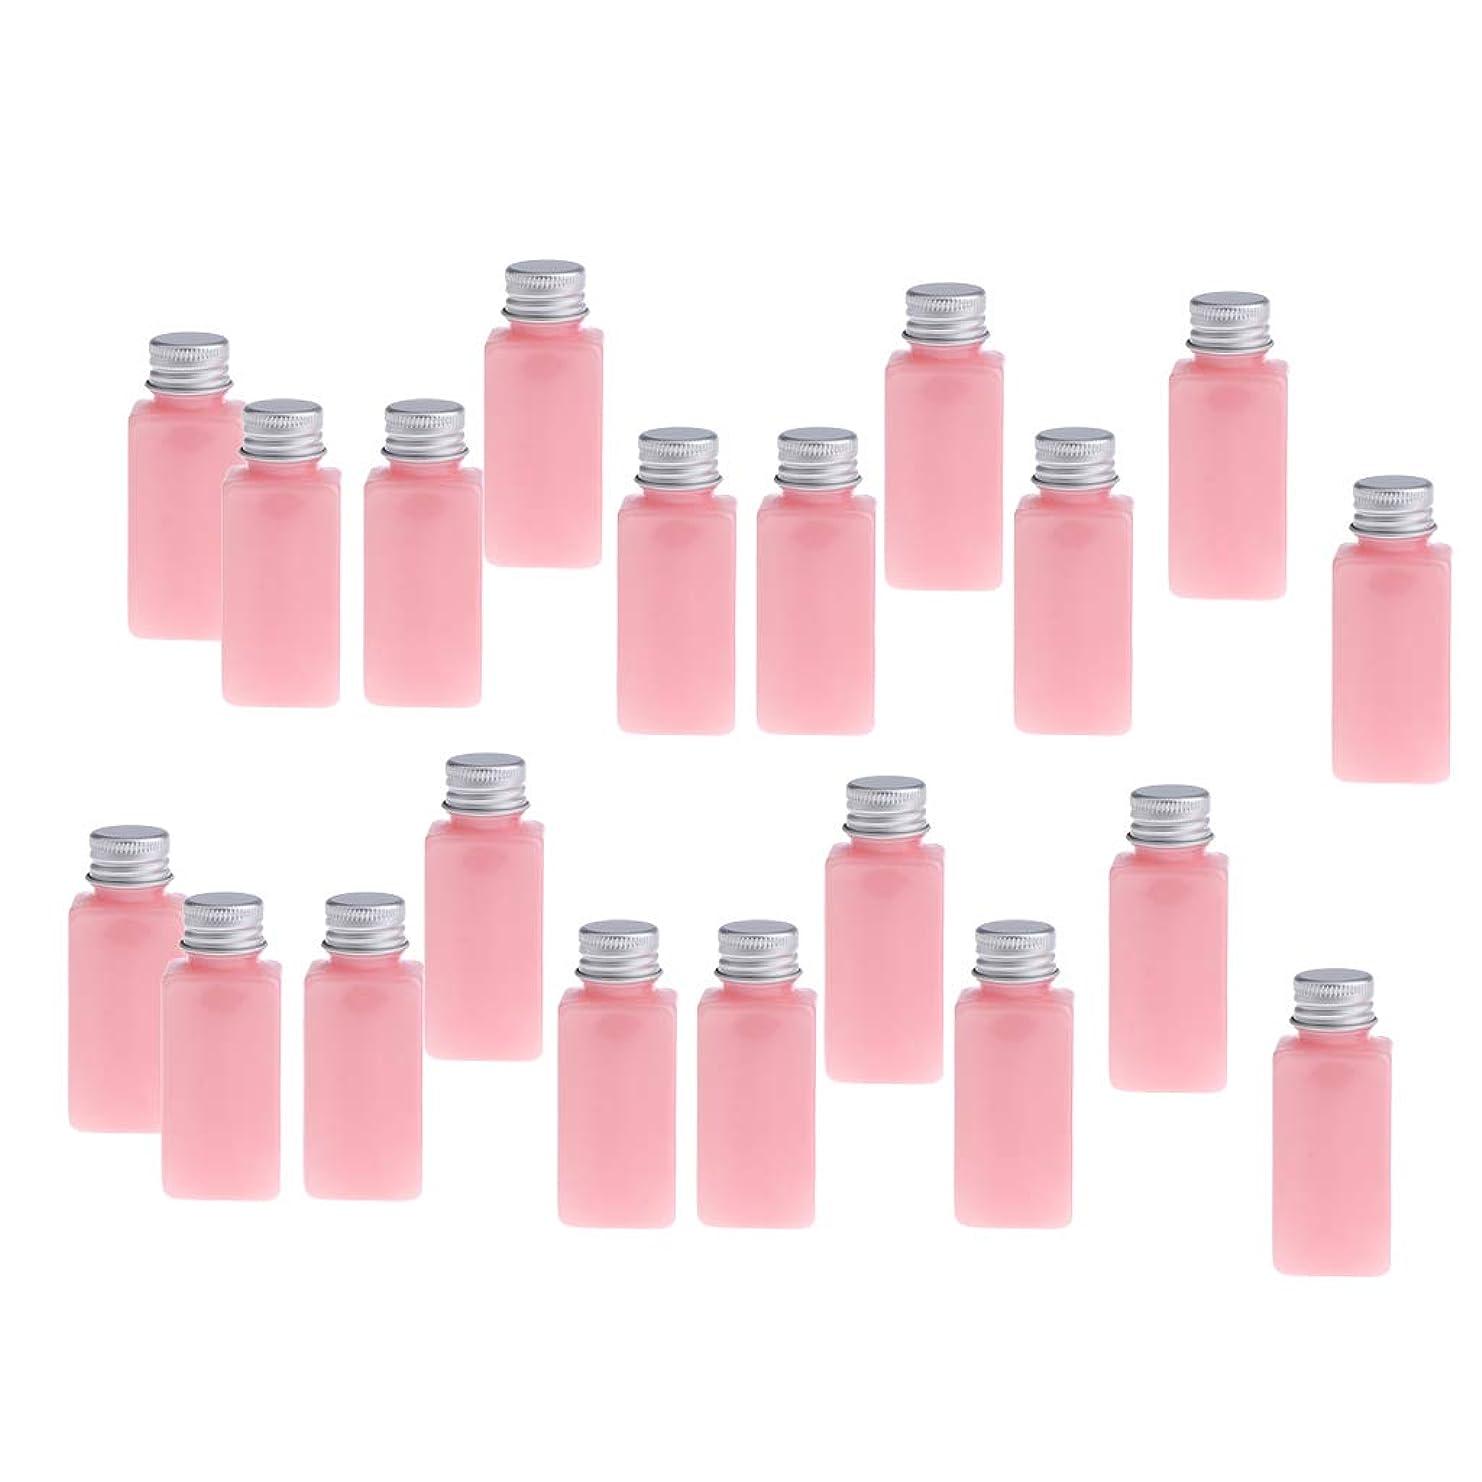 配当折るネックレットP Prettyia 約20本 化粧ボトル PETボトル コスメ 詰替え容器 旅行 便利 8色選べ - ピンクシルバー